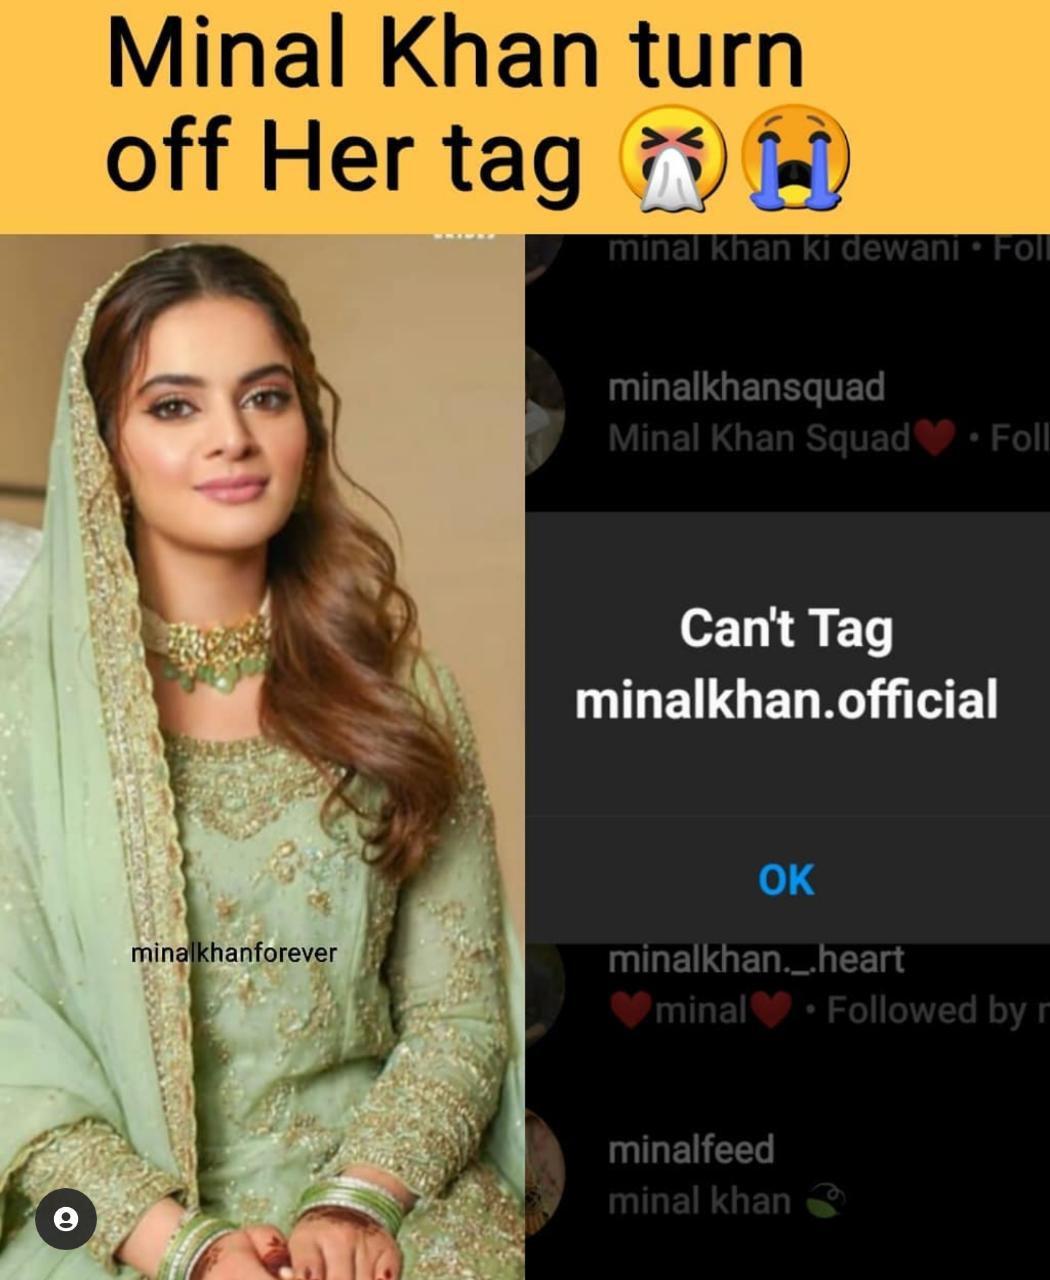 منال خان انسٹاگرام پر ٹیگ ہونے سے تنگ آگئیں